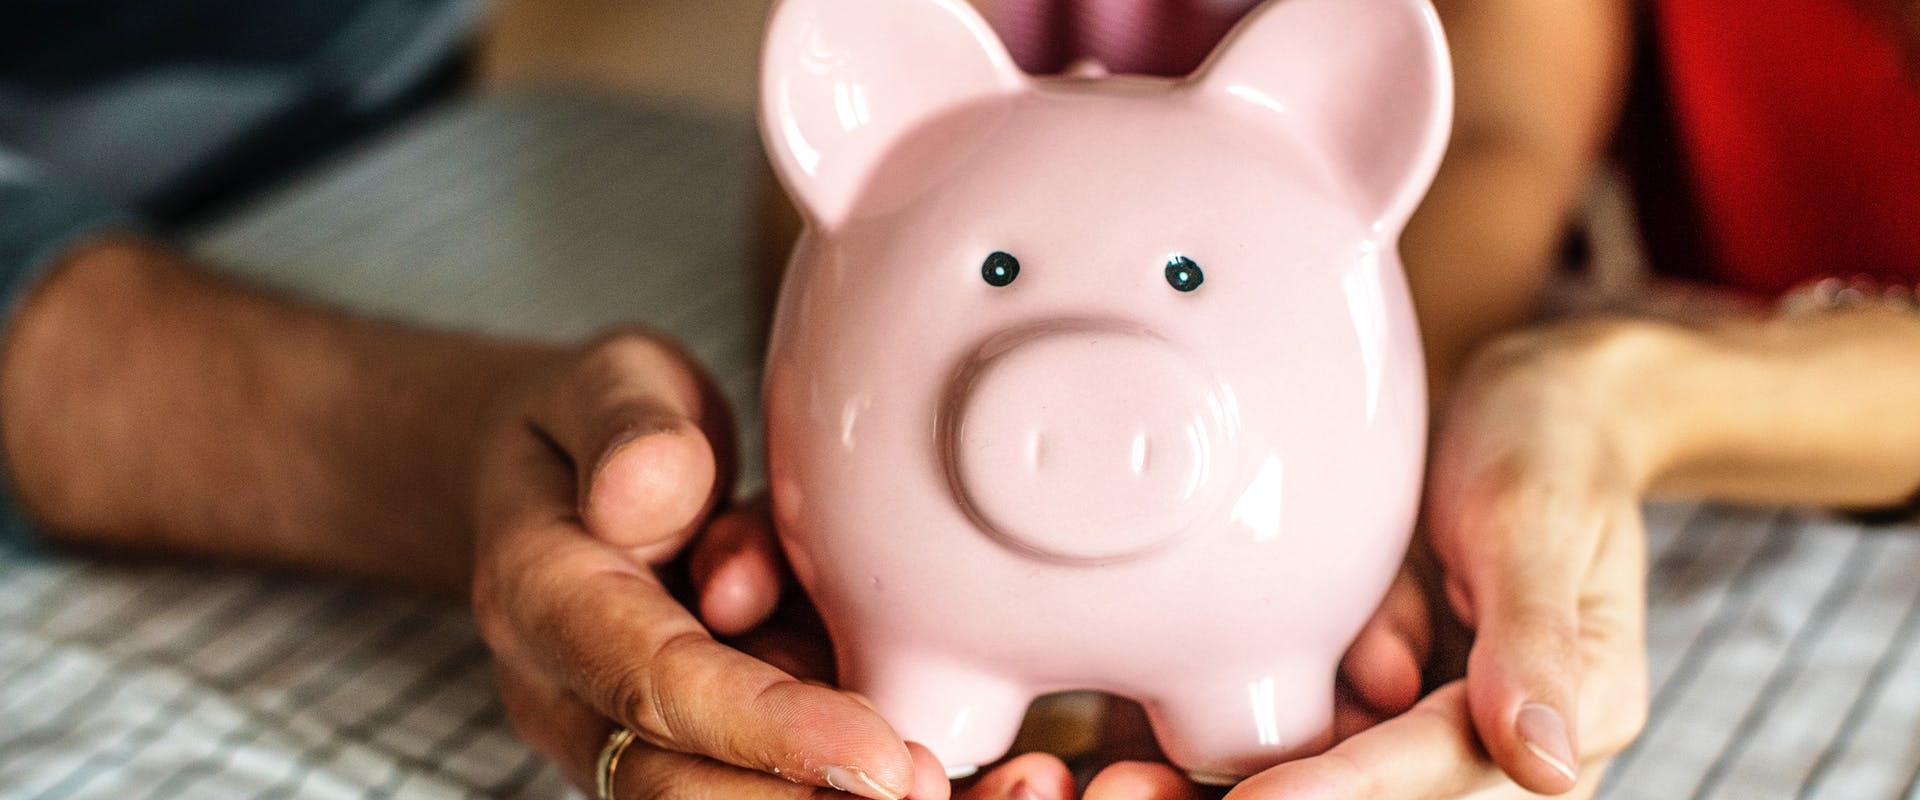 Steuertipps Zum Eigenheimbau Versteckte Sparpotenziale Nutzen